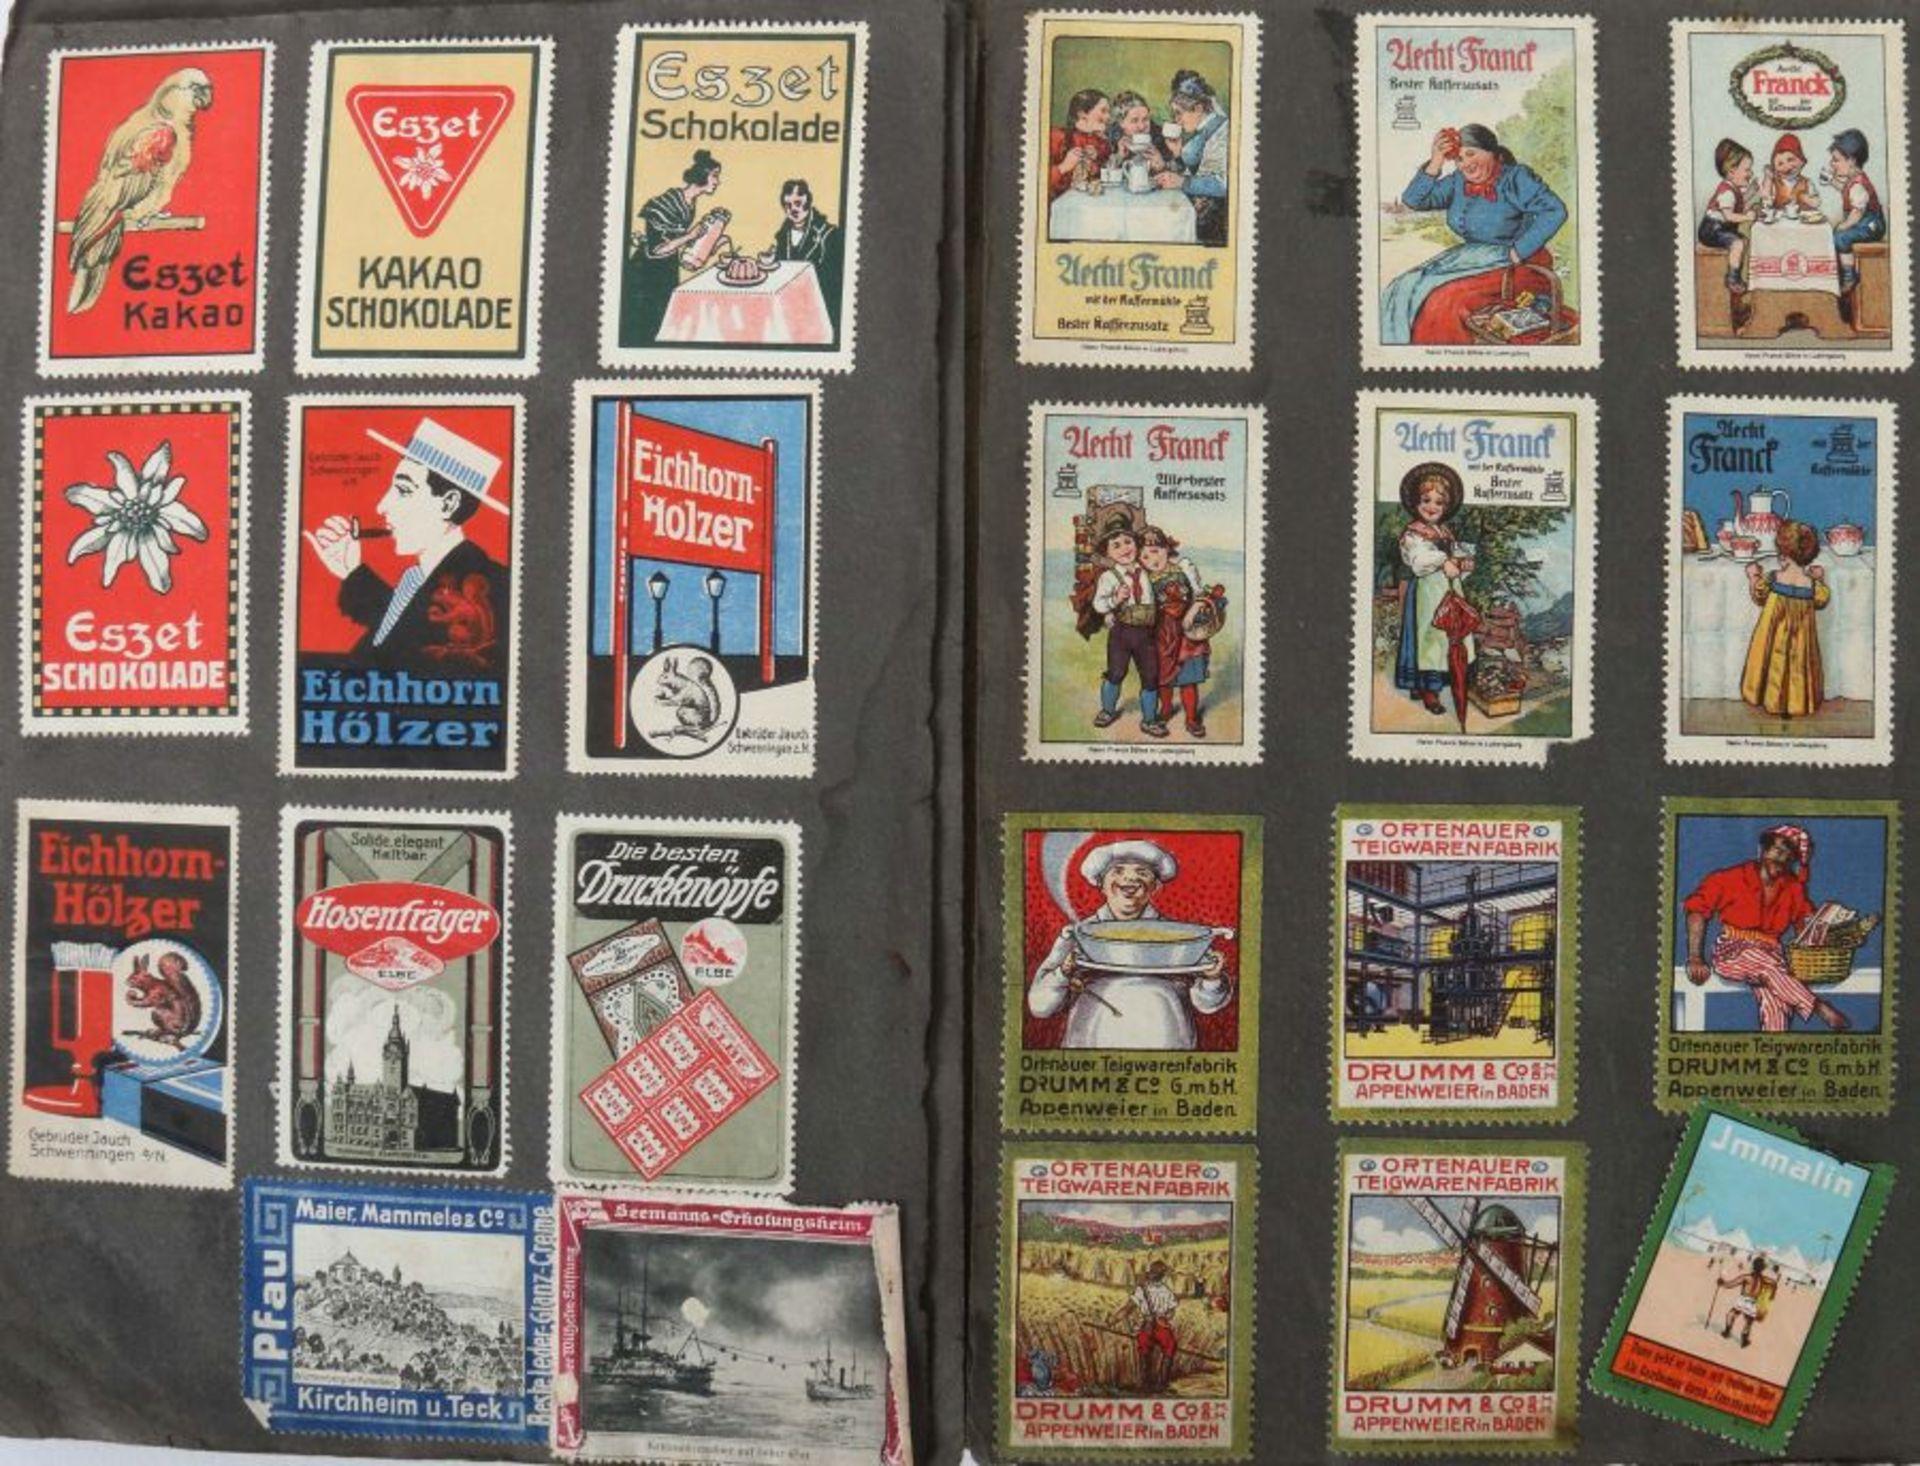 3 Werbevignetten-Alben Alben mit ca. 700 Werbevignetten, u.a. Graetzin, Odol, Weck, Matagon, - Bild 3 aus 6